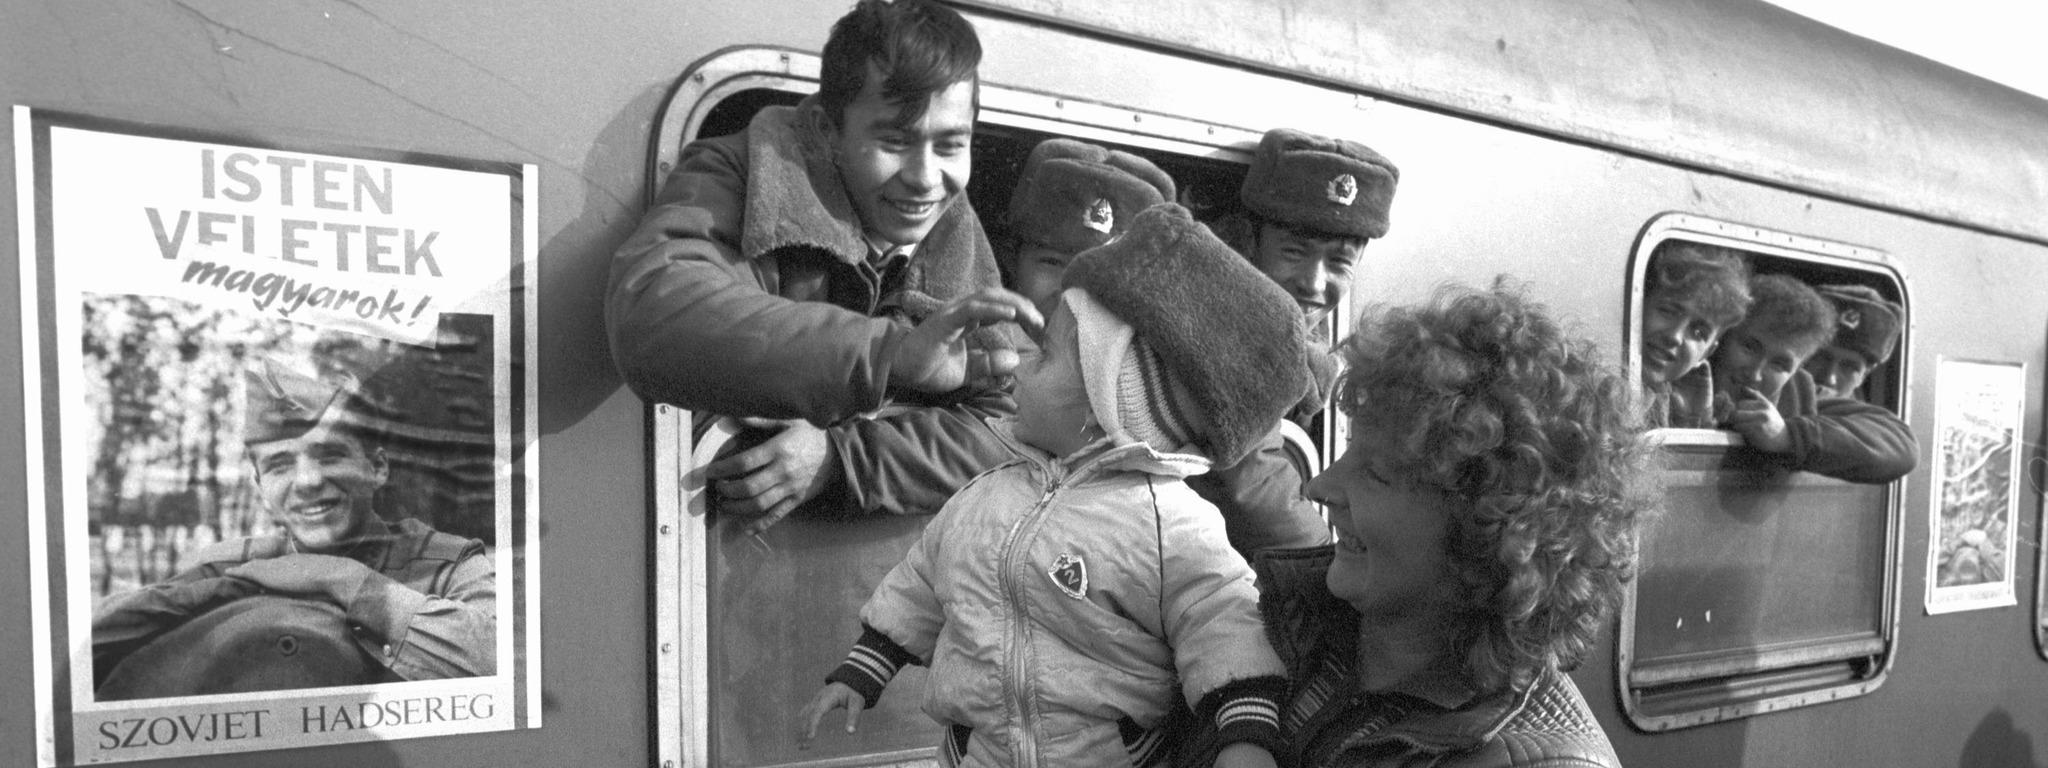 Táborfalva, 1990. január 21. Búcsúzó orosz katonák. A szovjet csapatkivonások ütemtervének megfelelően december 13-án elhagyta állomáshelyét a táborfalvai szovjet tüzérezred. MTI Fotó: Mónos Gábor